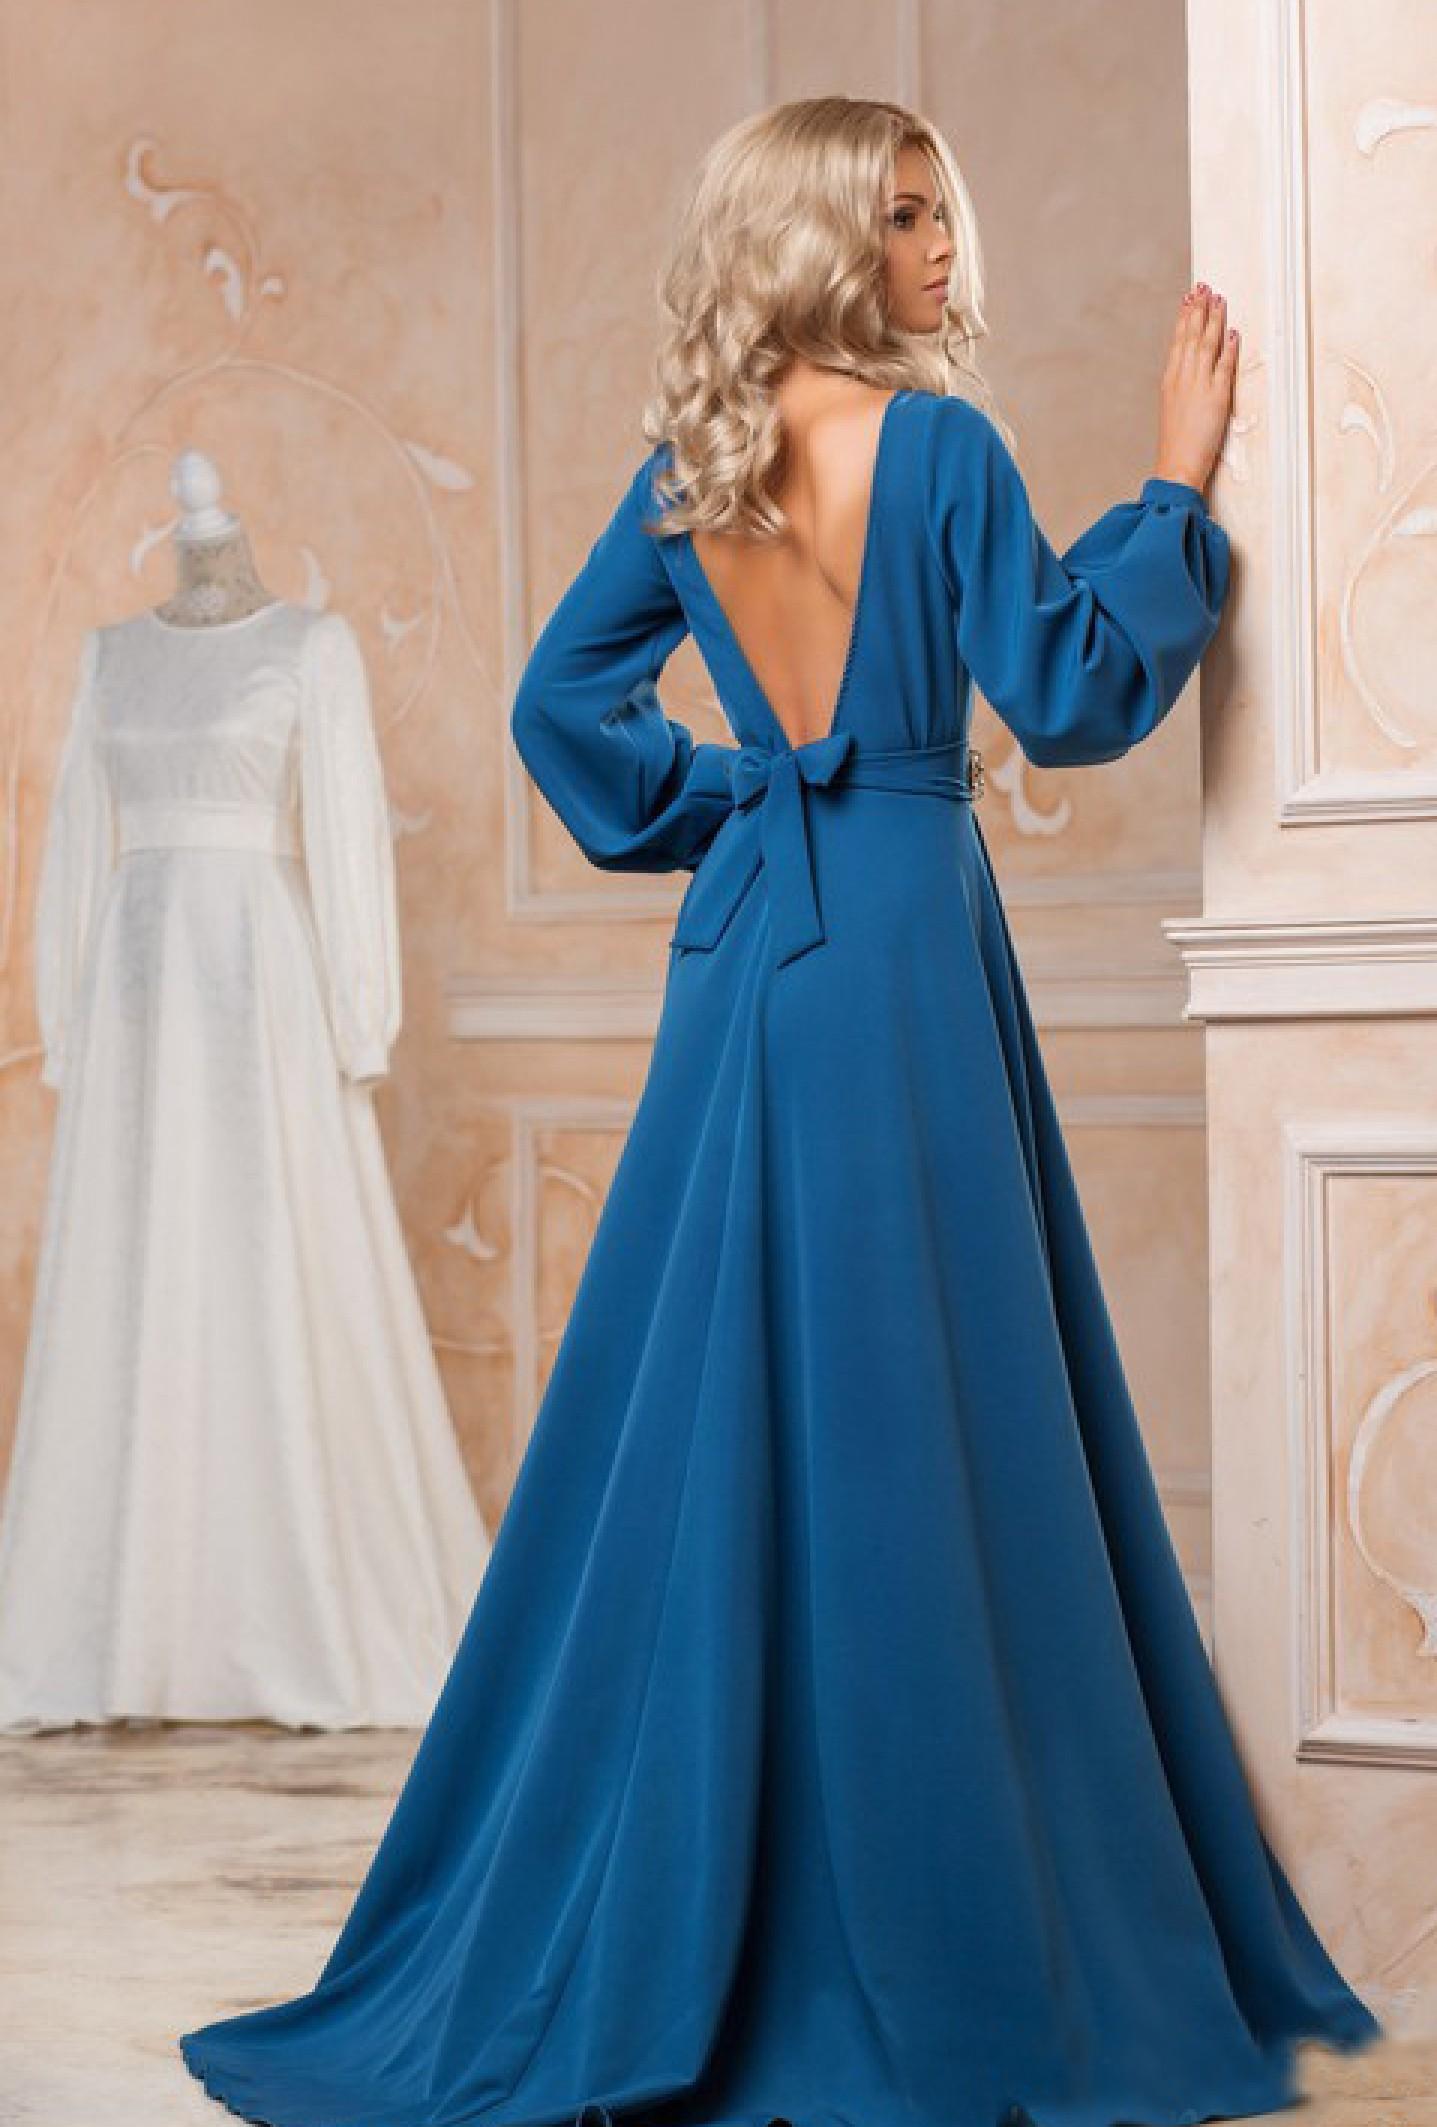 78584d1606c Длинное Платье Фото С Открытой Спиной